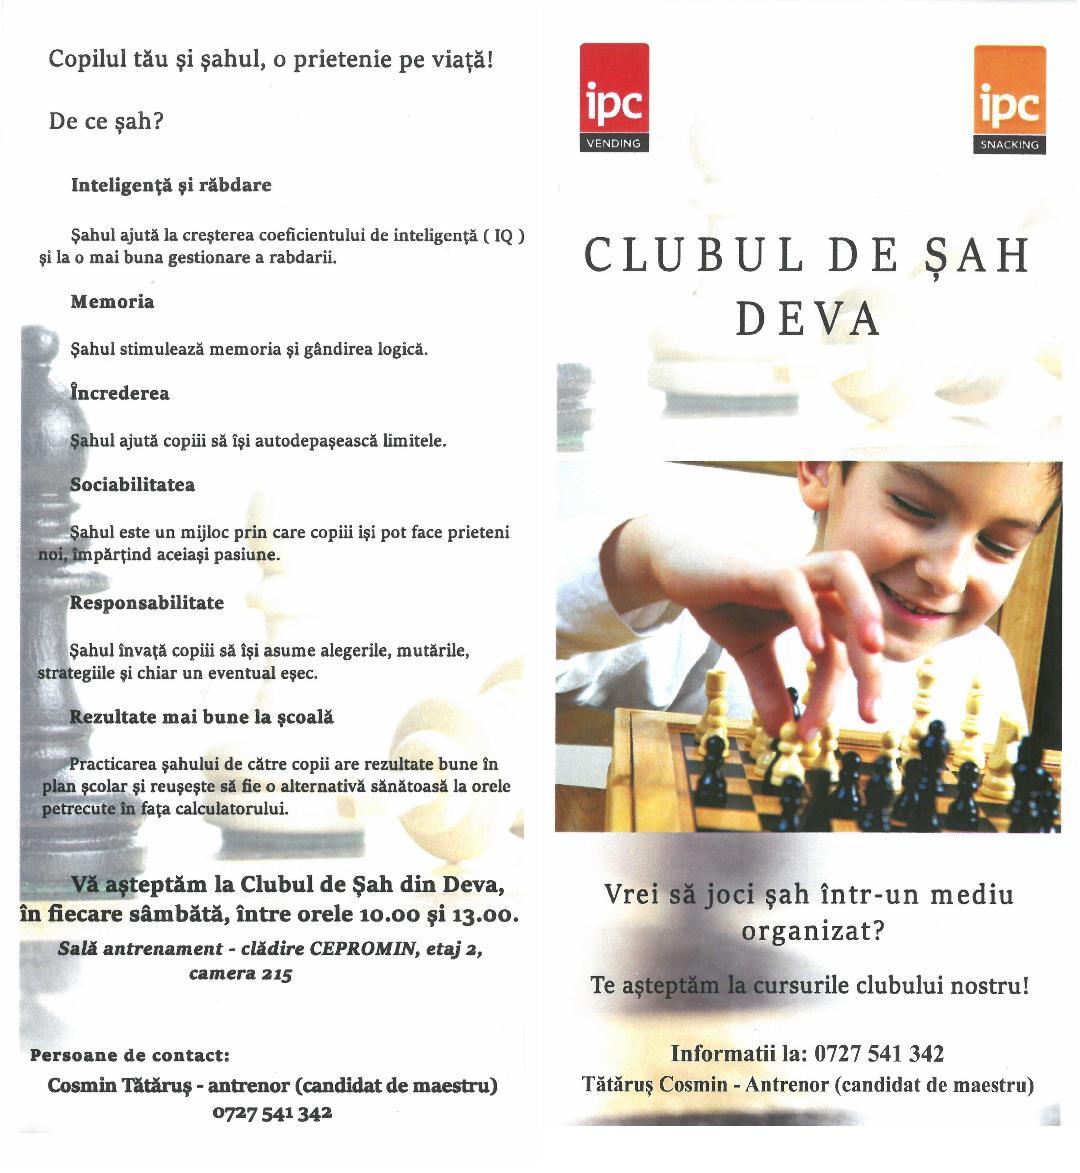 Clubul De Ah Deva I Continu Aciunea Cutare Instruire A Copiilor Tinerilor Cu Aptitudini Pentru Acest Sport Dup Cursurile Pregtire Care